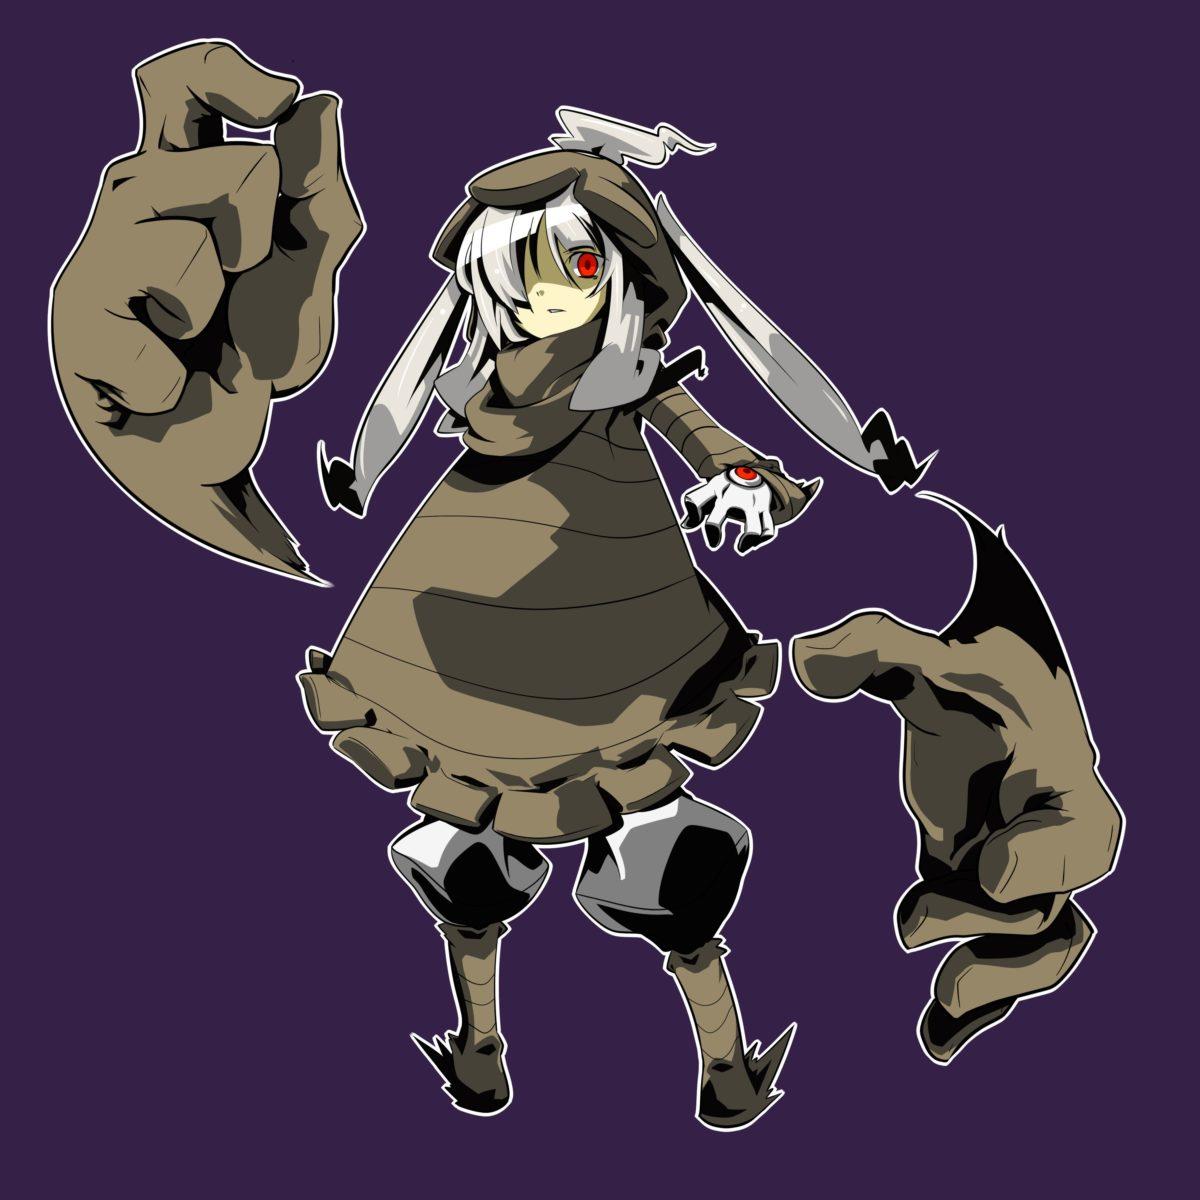 Dusclops – Pokémon | page 2 of 2 – Zerochan Anime Image Board